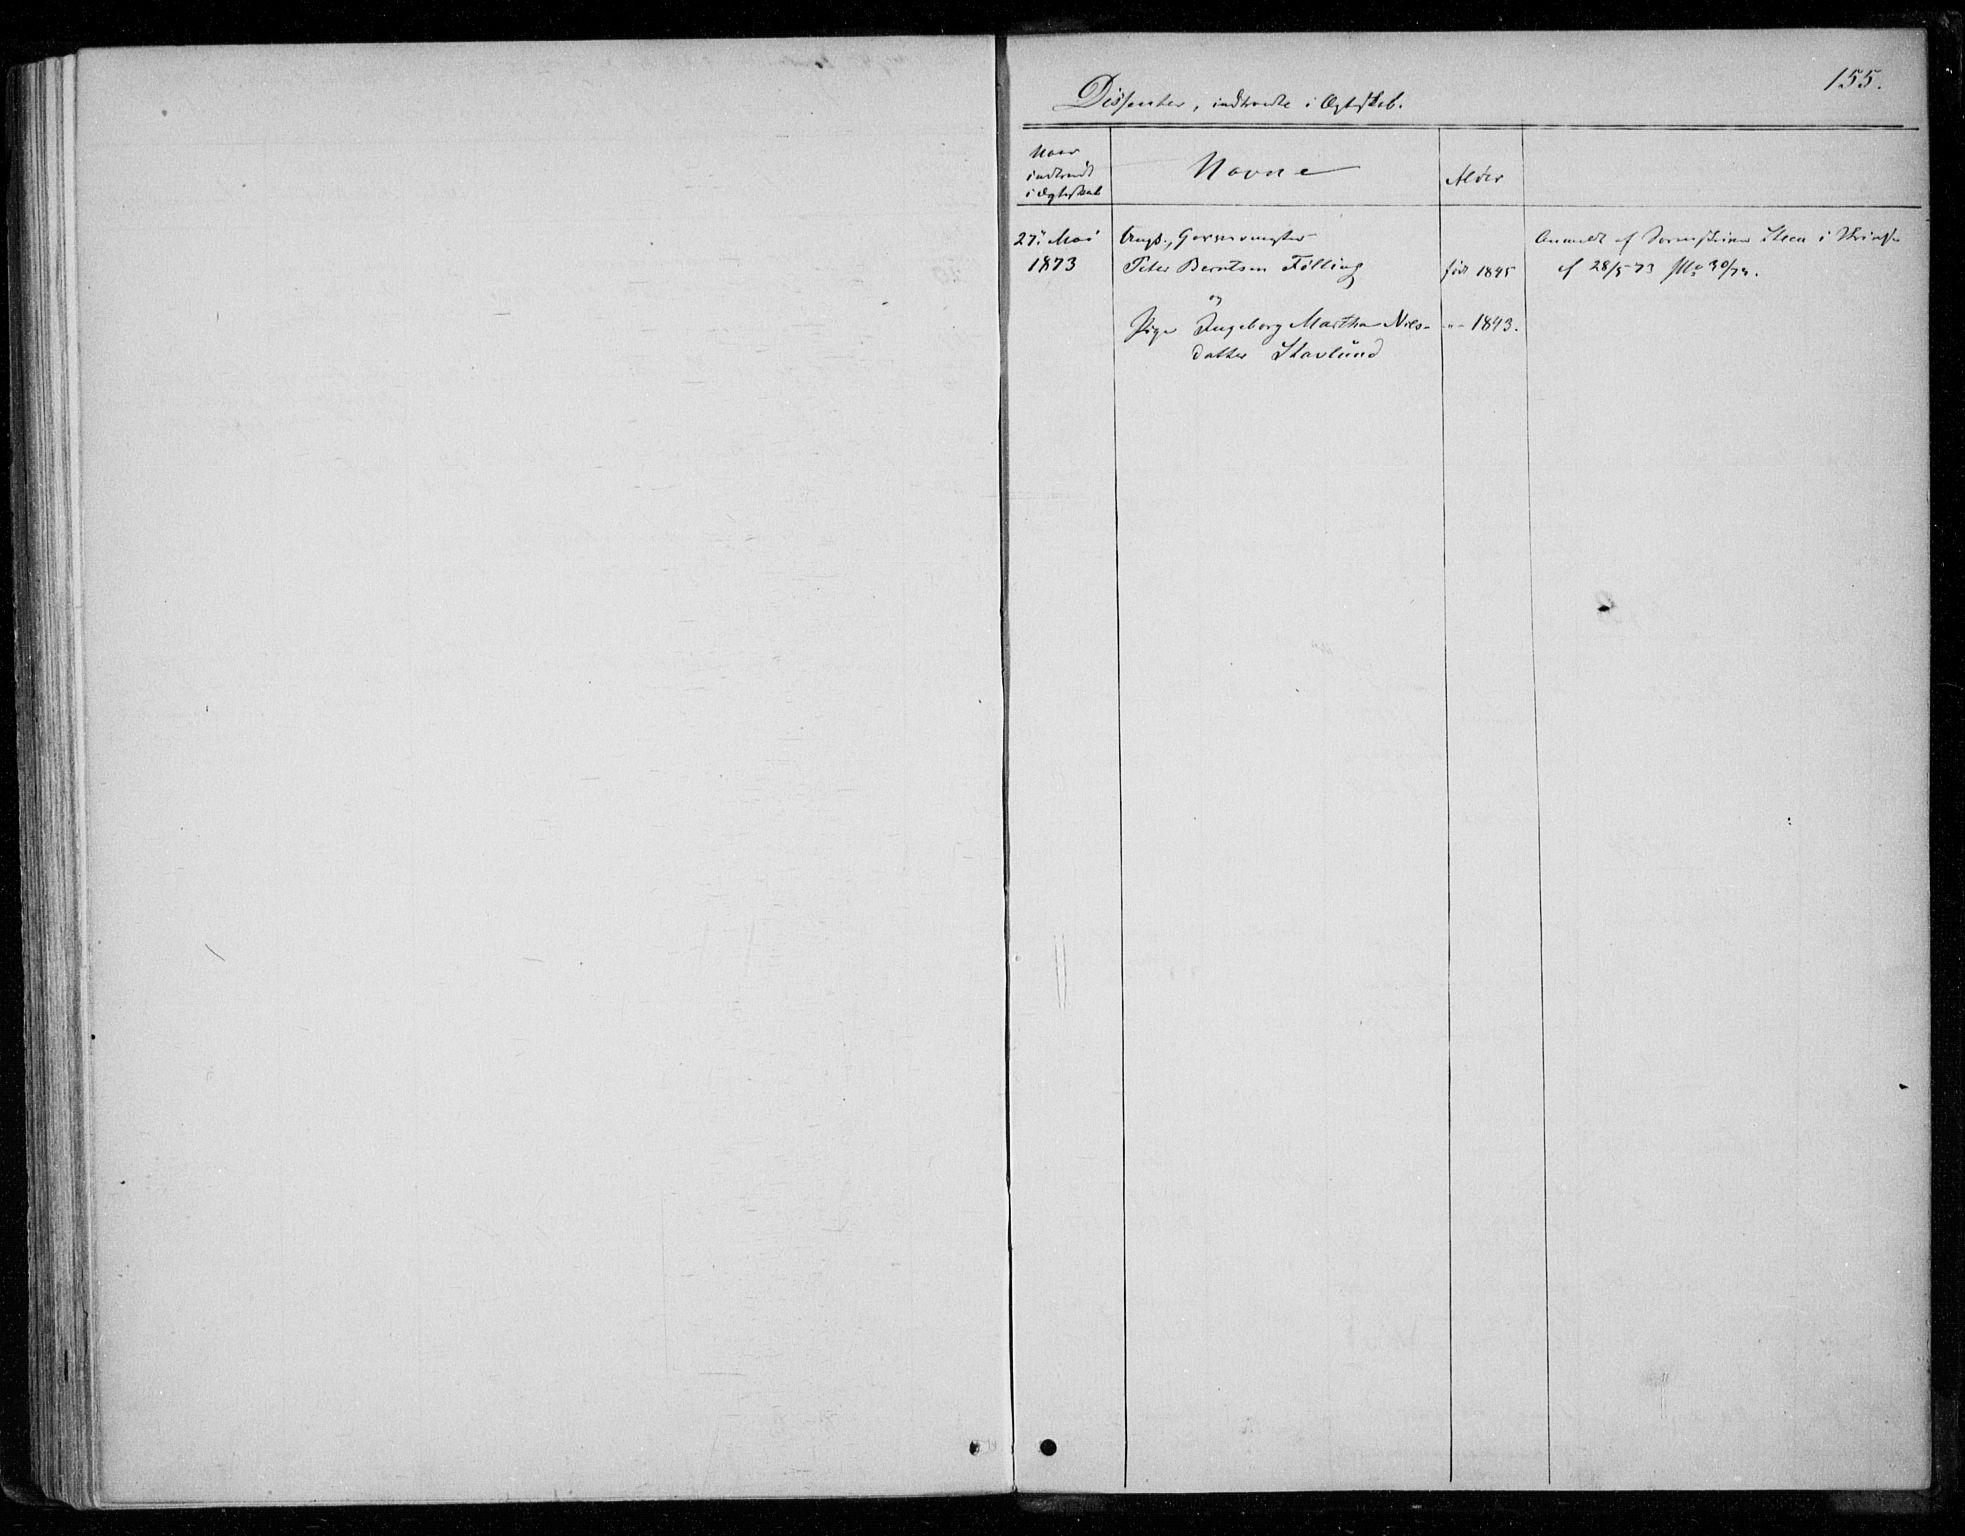 SAT, Ministerialprotokoller, klokkerbøker og fødselsregistre - Nord-Trøndelag, 720/L0186: Ministerialbok nr. 720A03, 1864-1874, s. 155